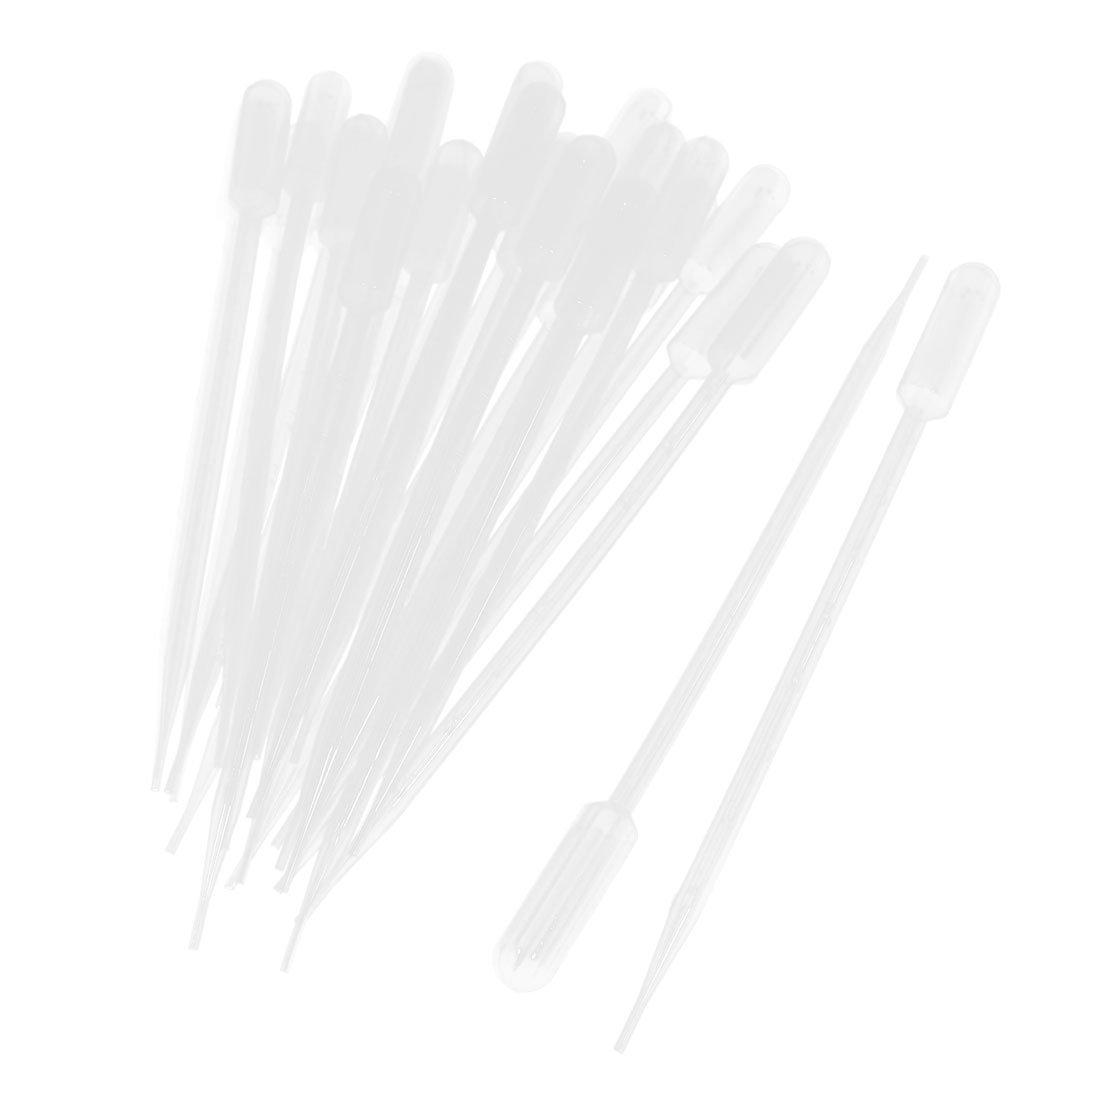 Affordable 50 Pezzi 10 ml di Plastica Trasparente di Trasferimento Pipetta Pasteur Pipettes Droppers